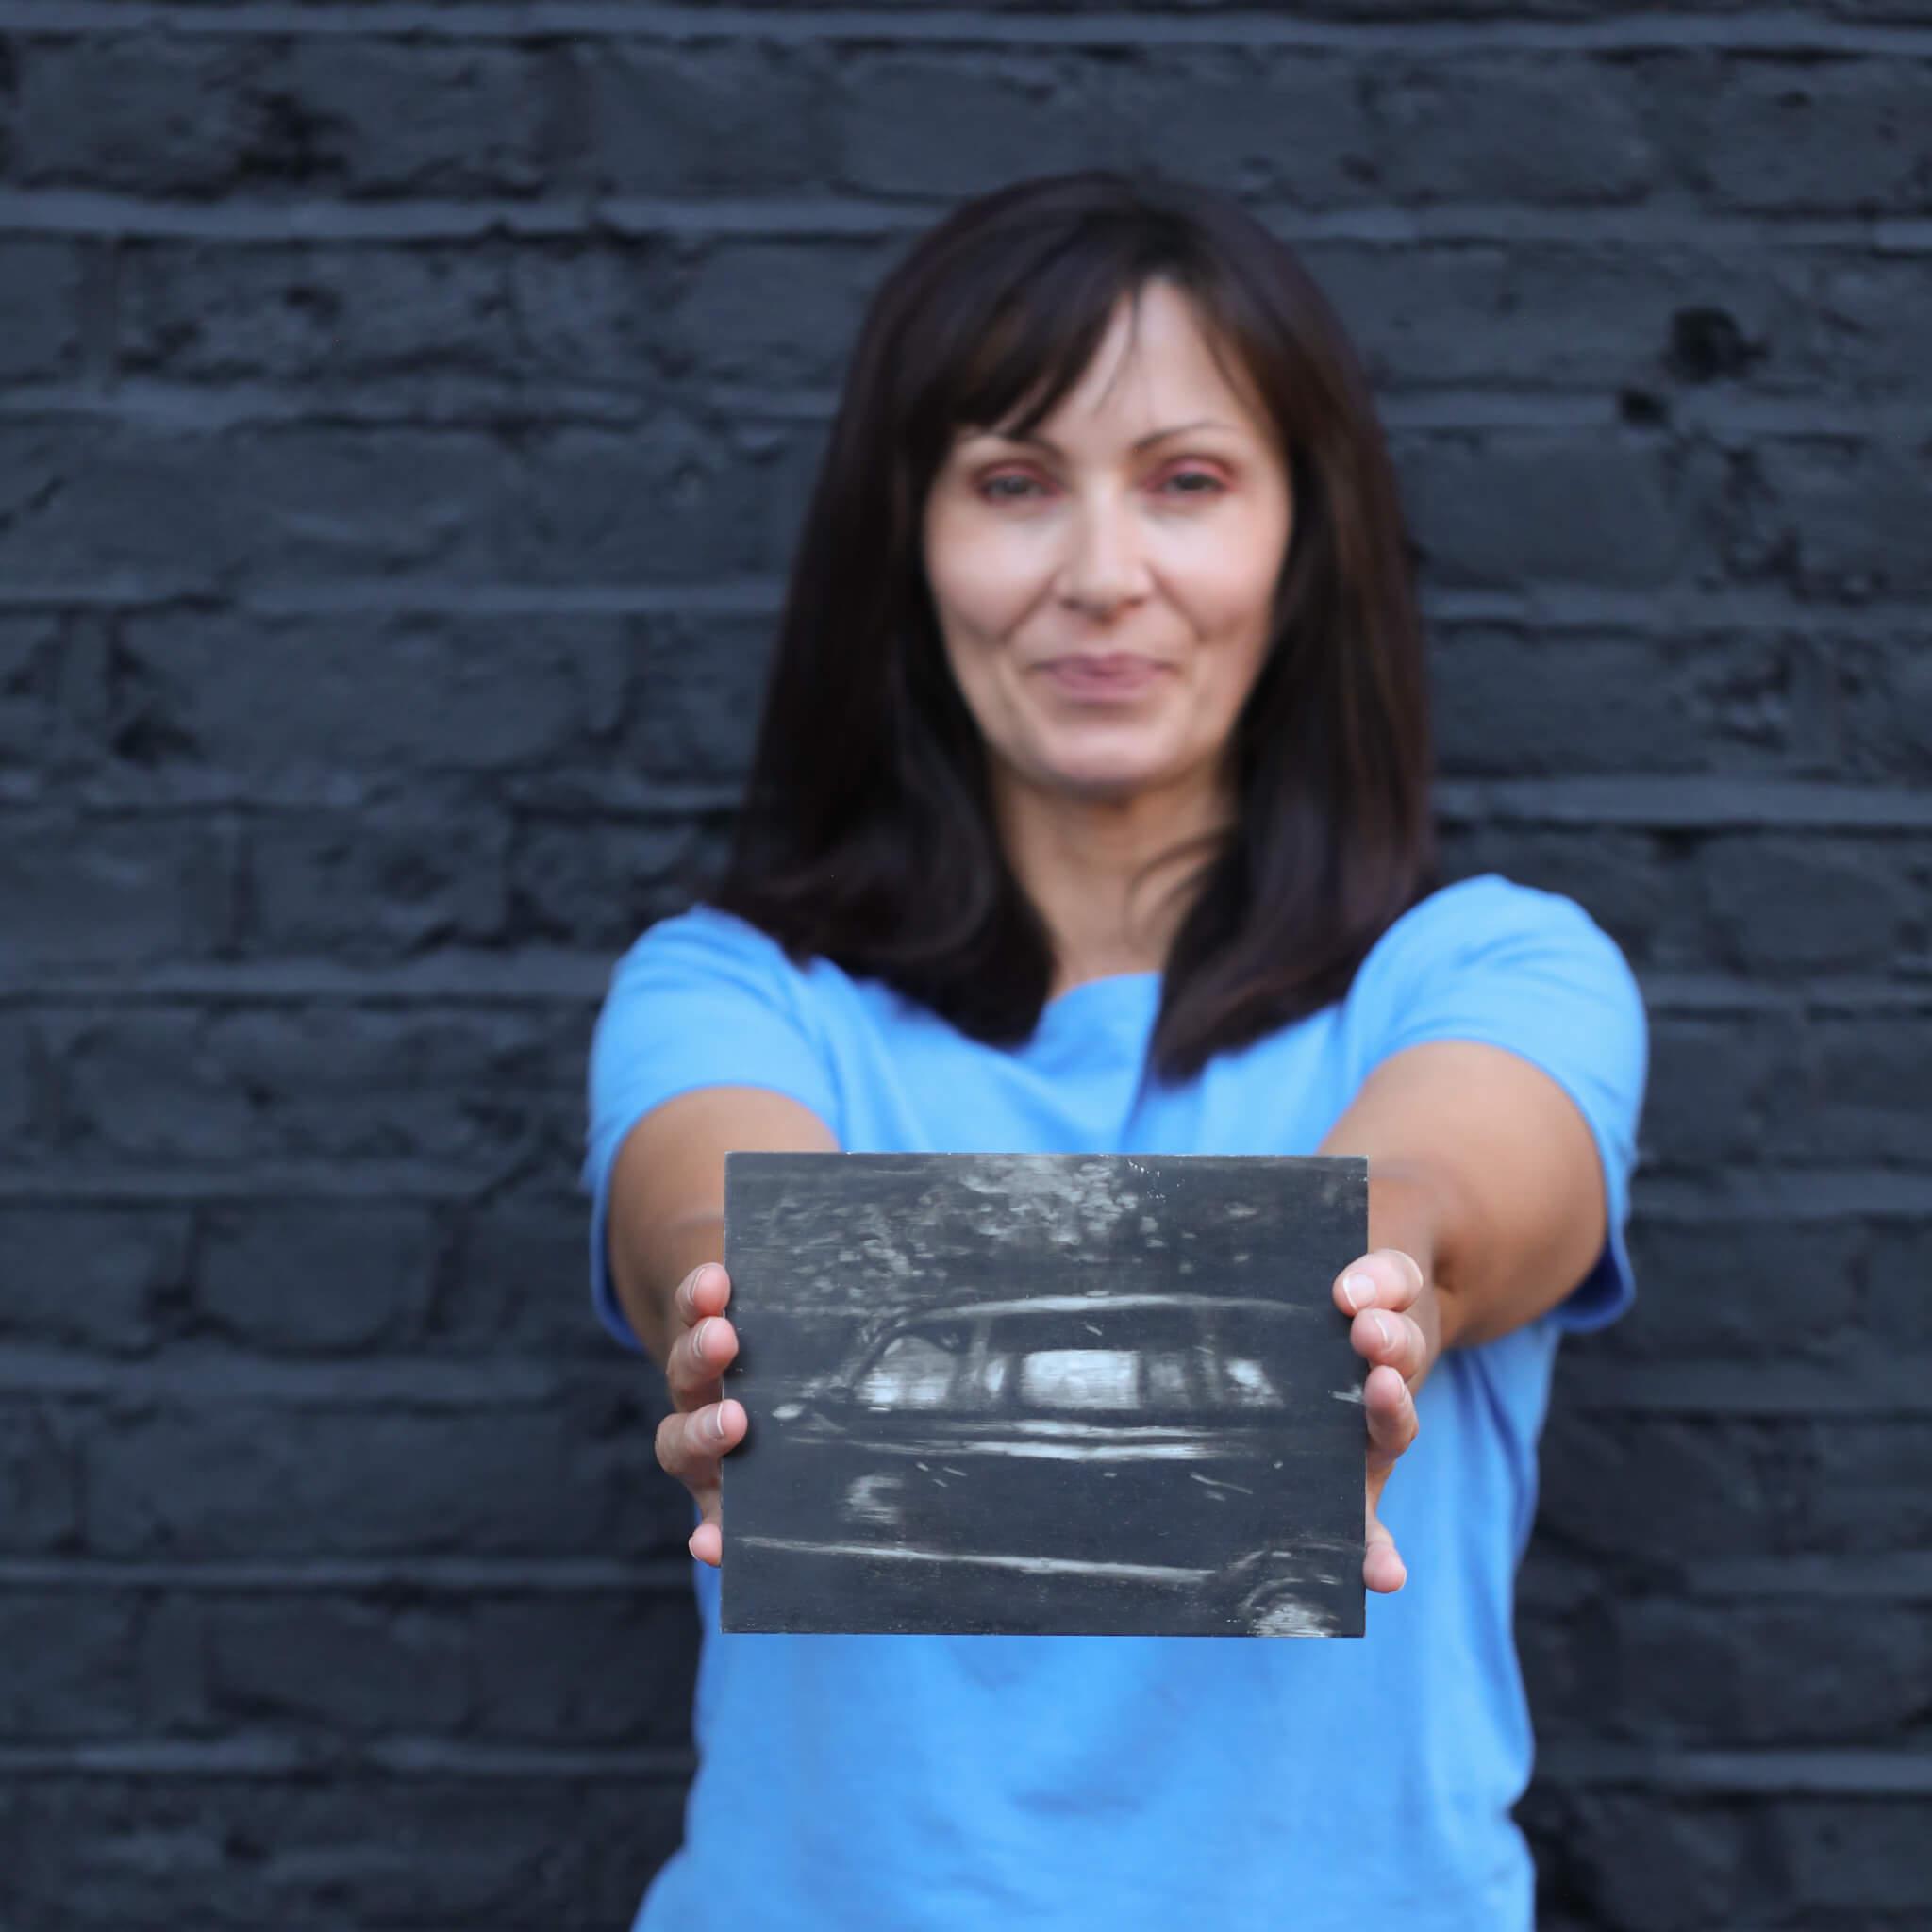 48CF8409 5D5A 4A50 B1E9 77F6F0075C18 - Black Cab, Central London by Jackie Clark